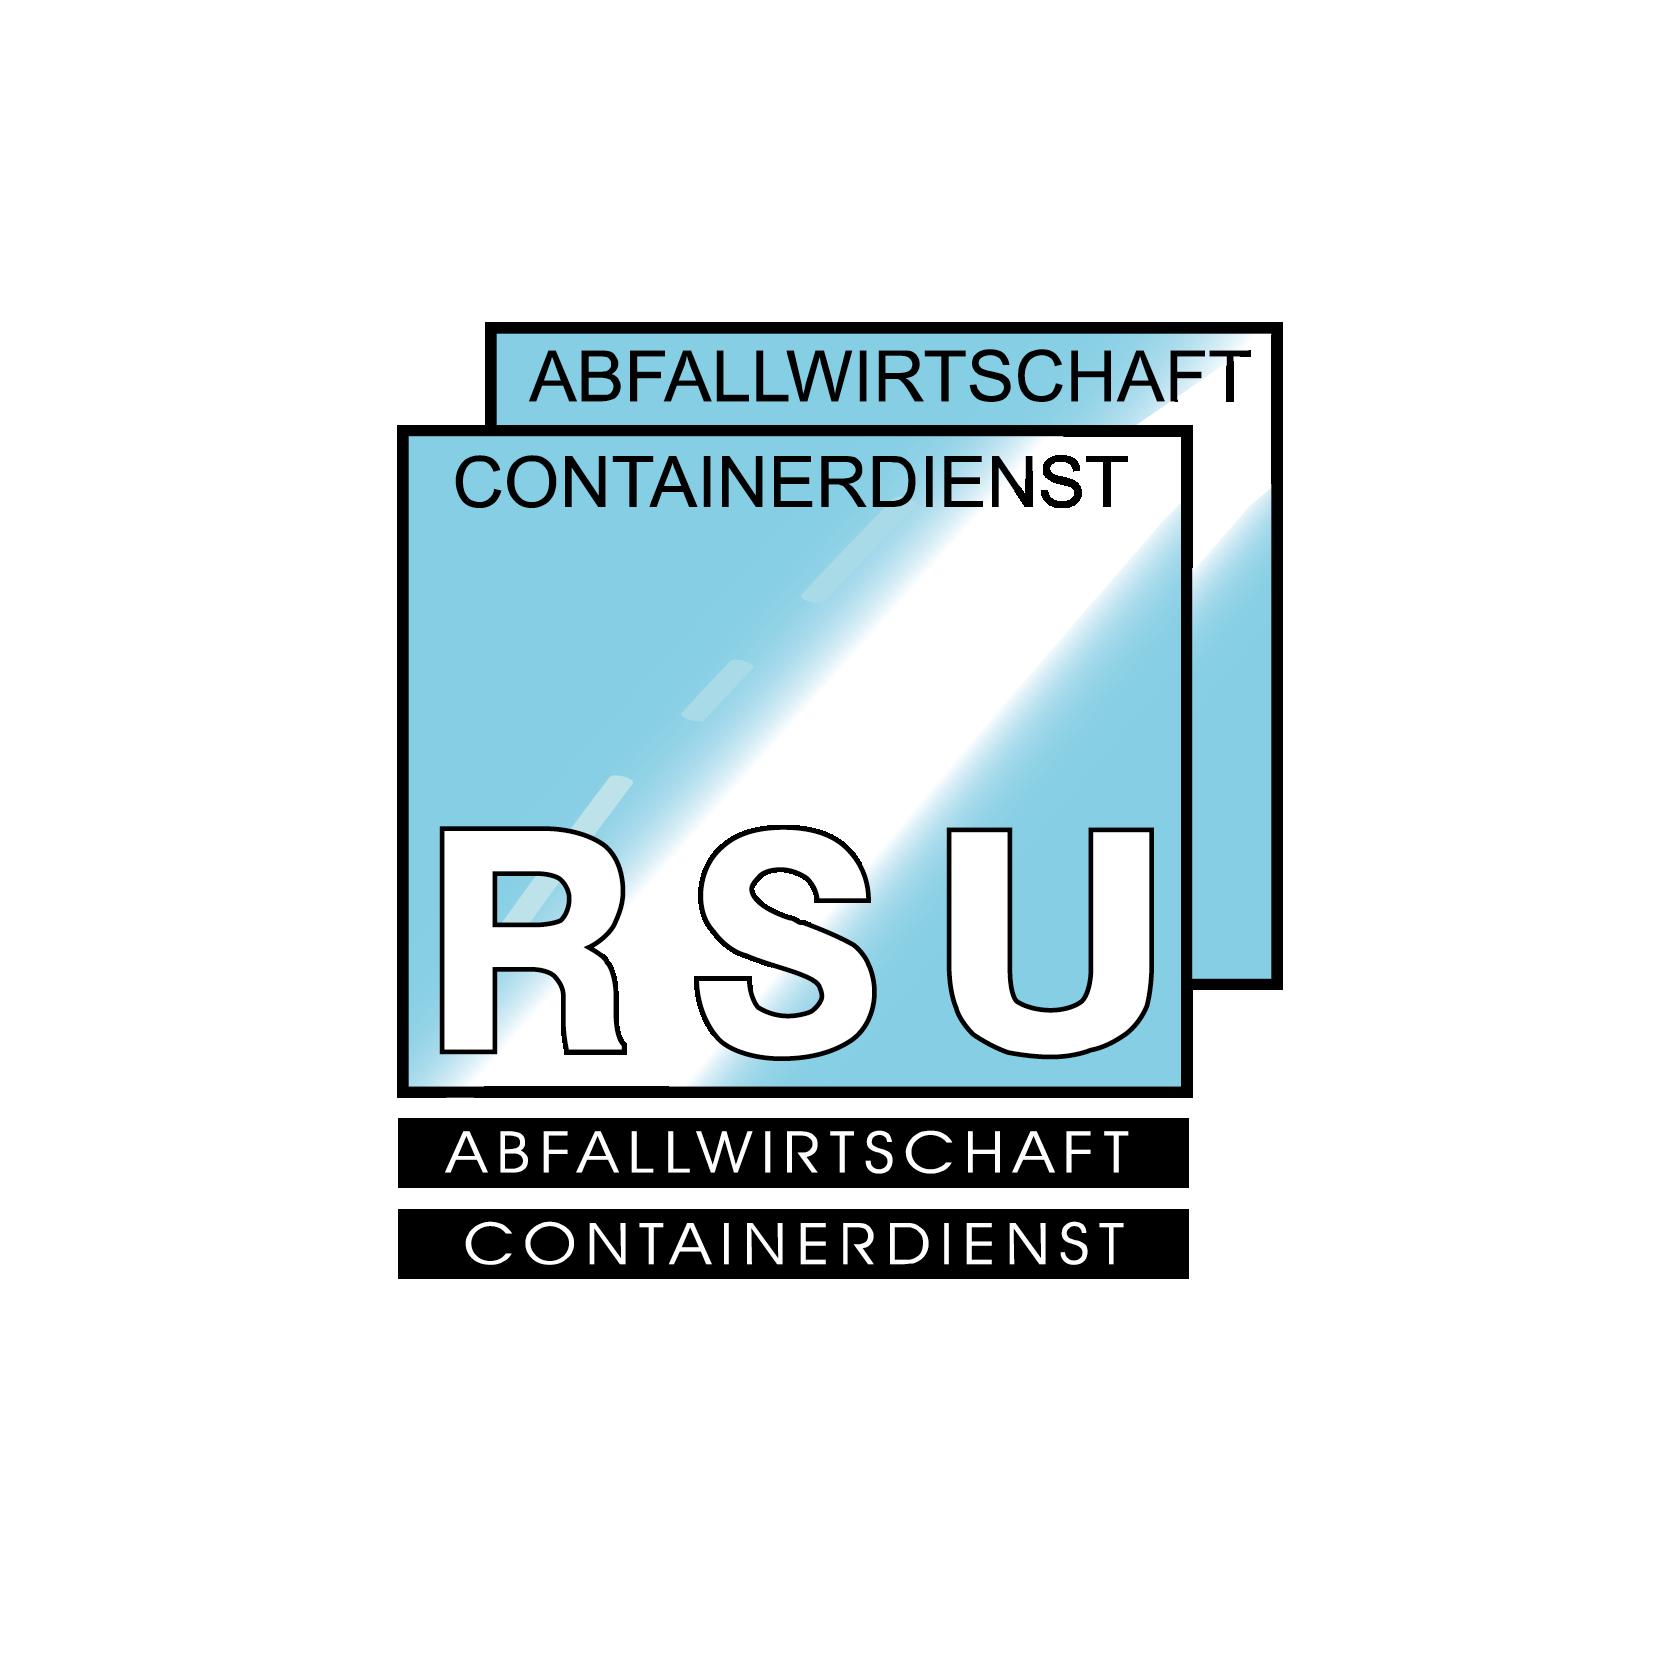 RSU-ks-Referenz